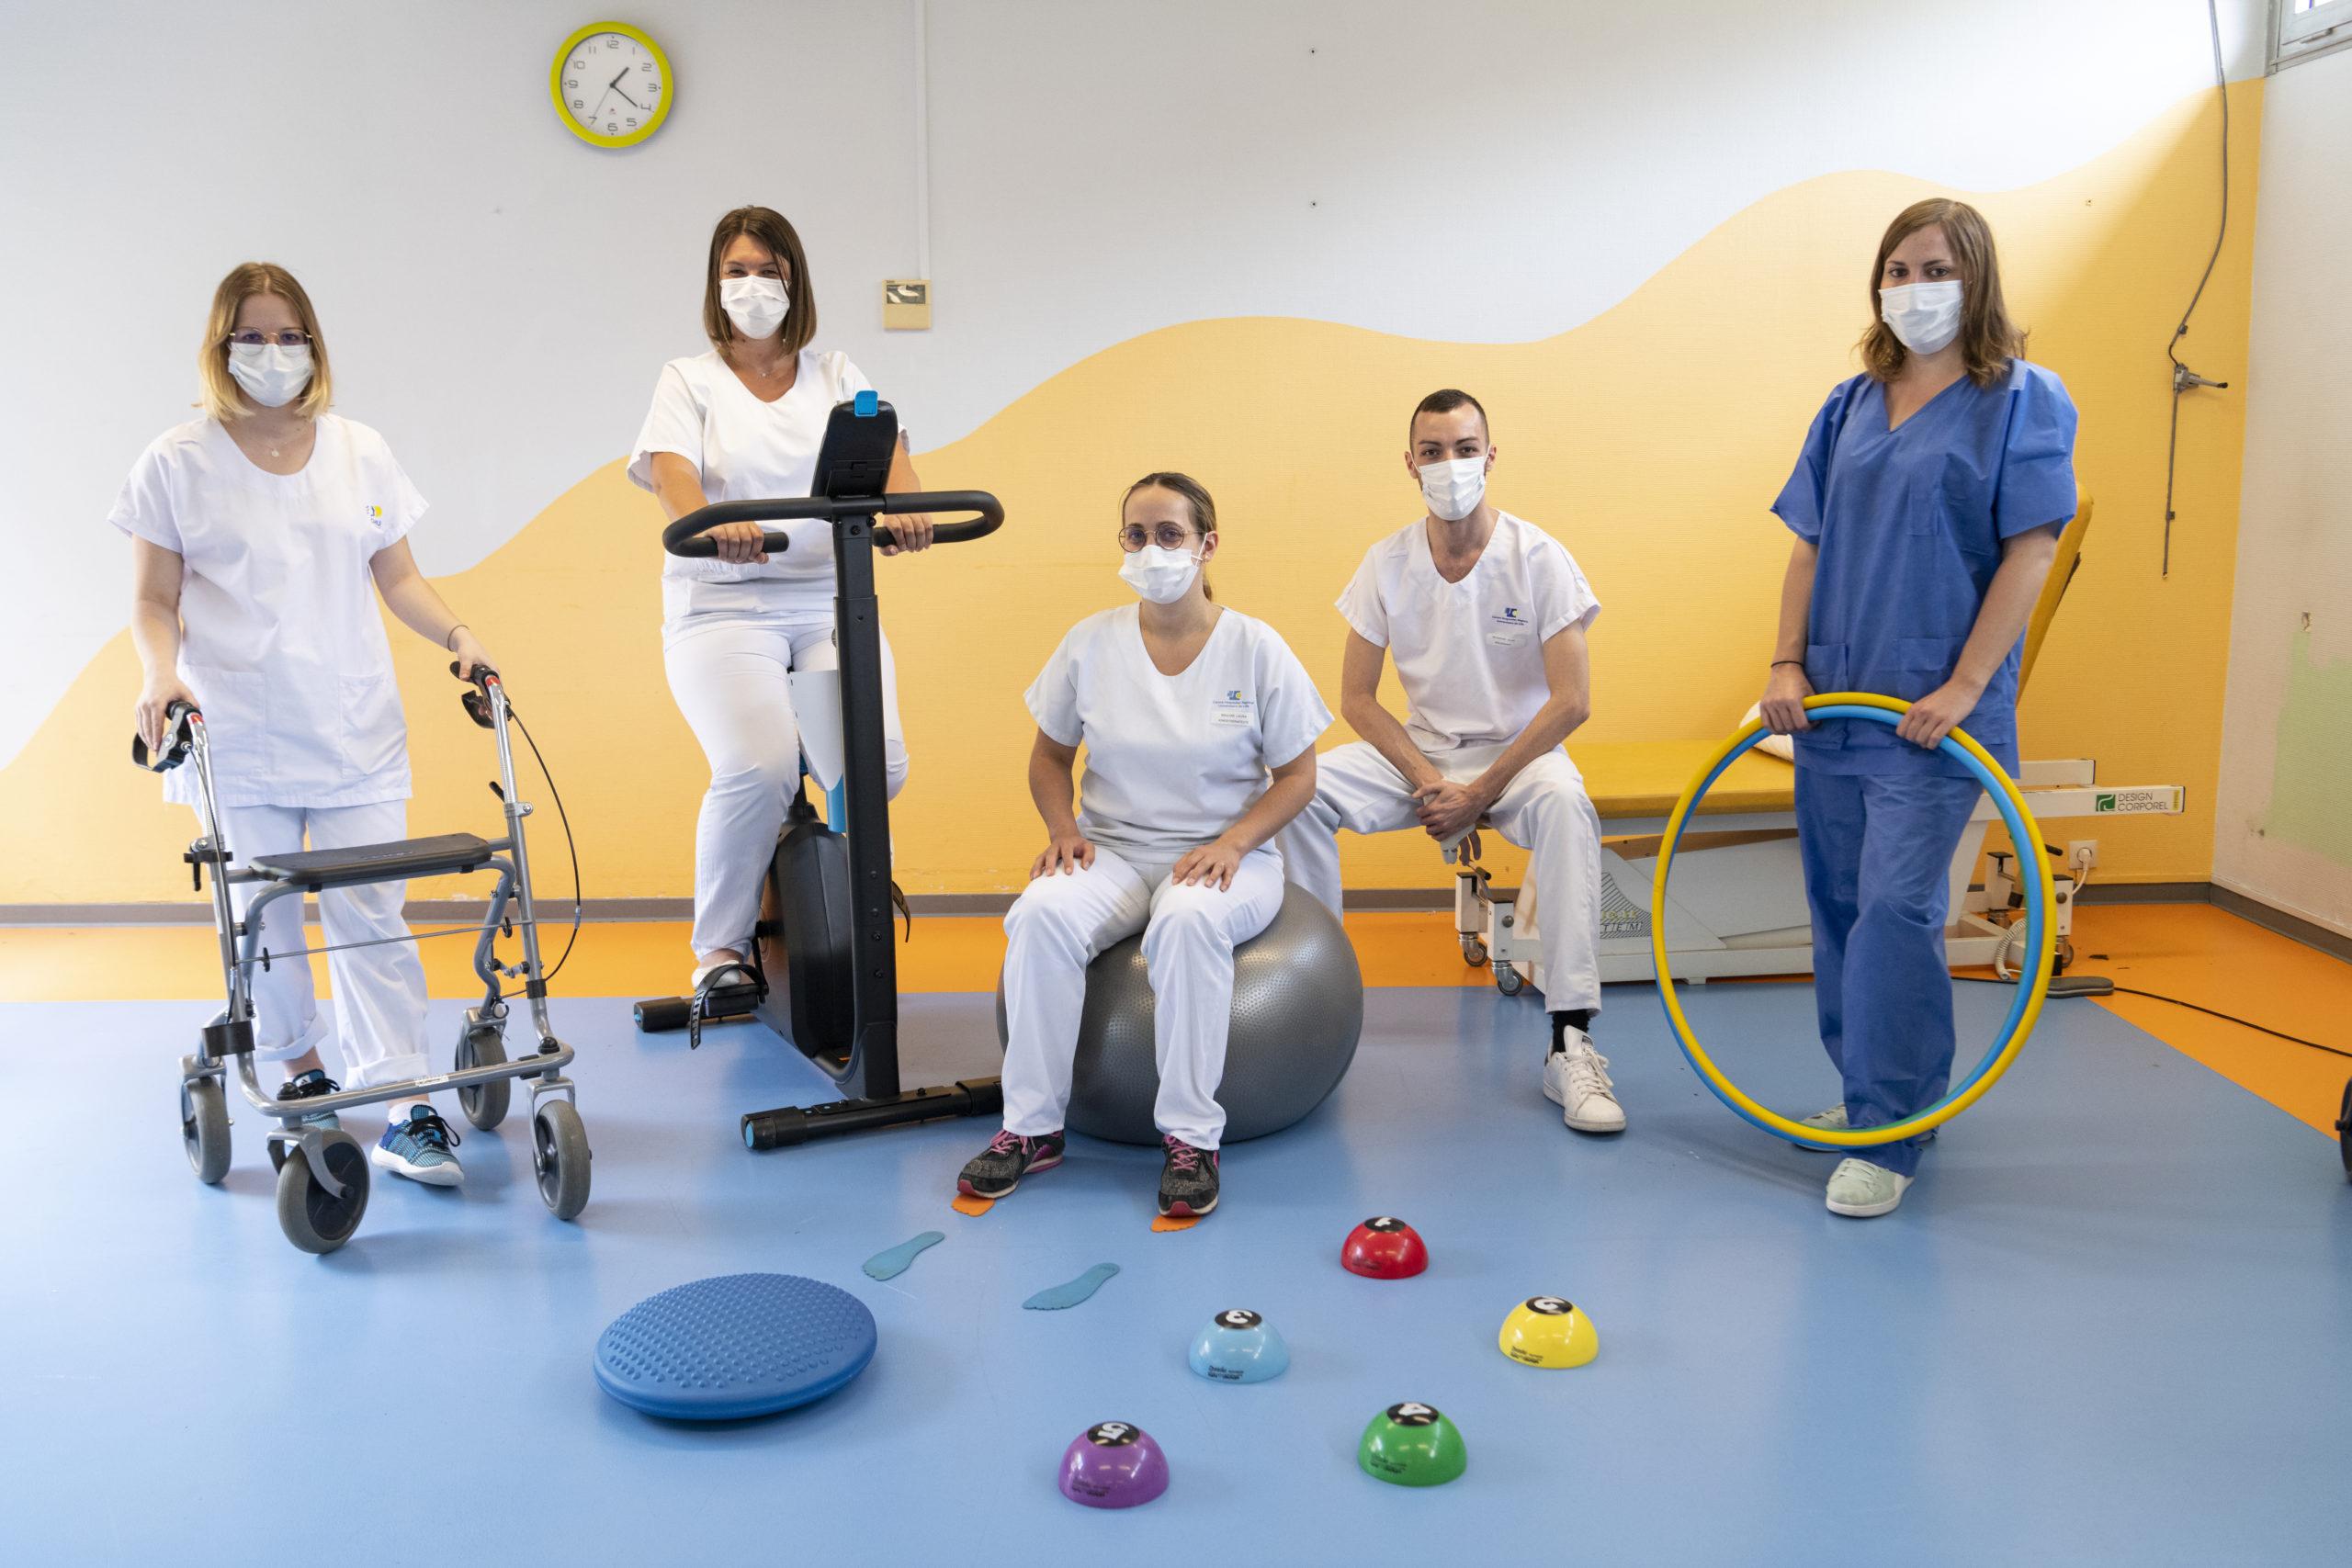 équipe de soignants